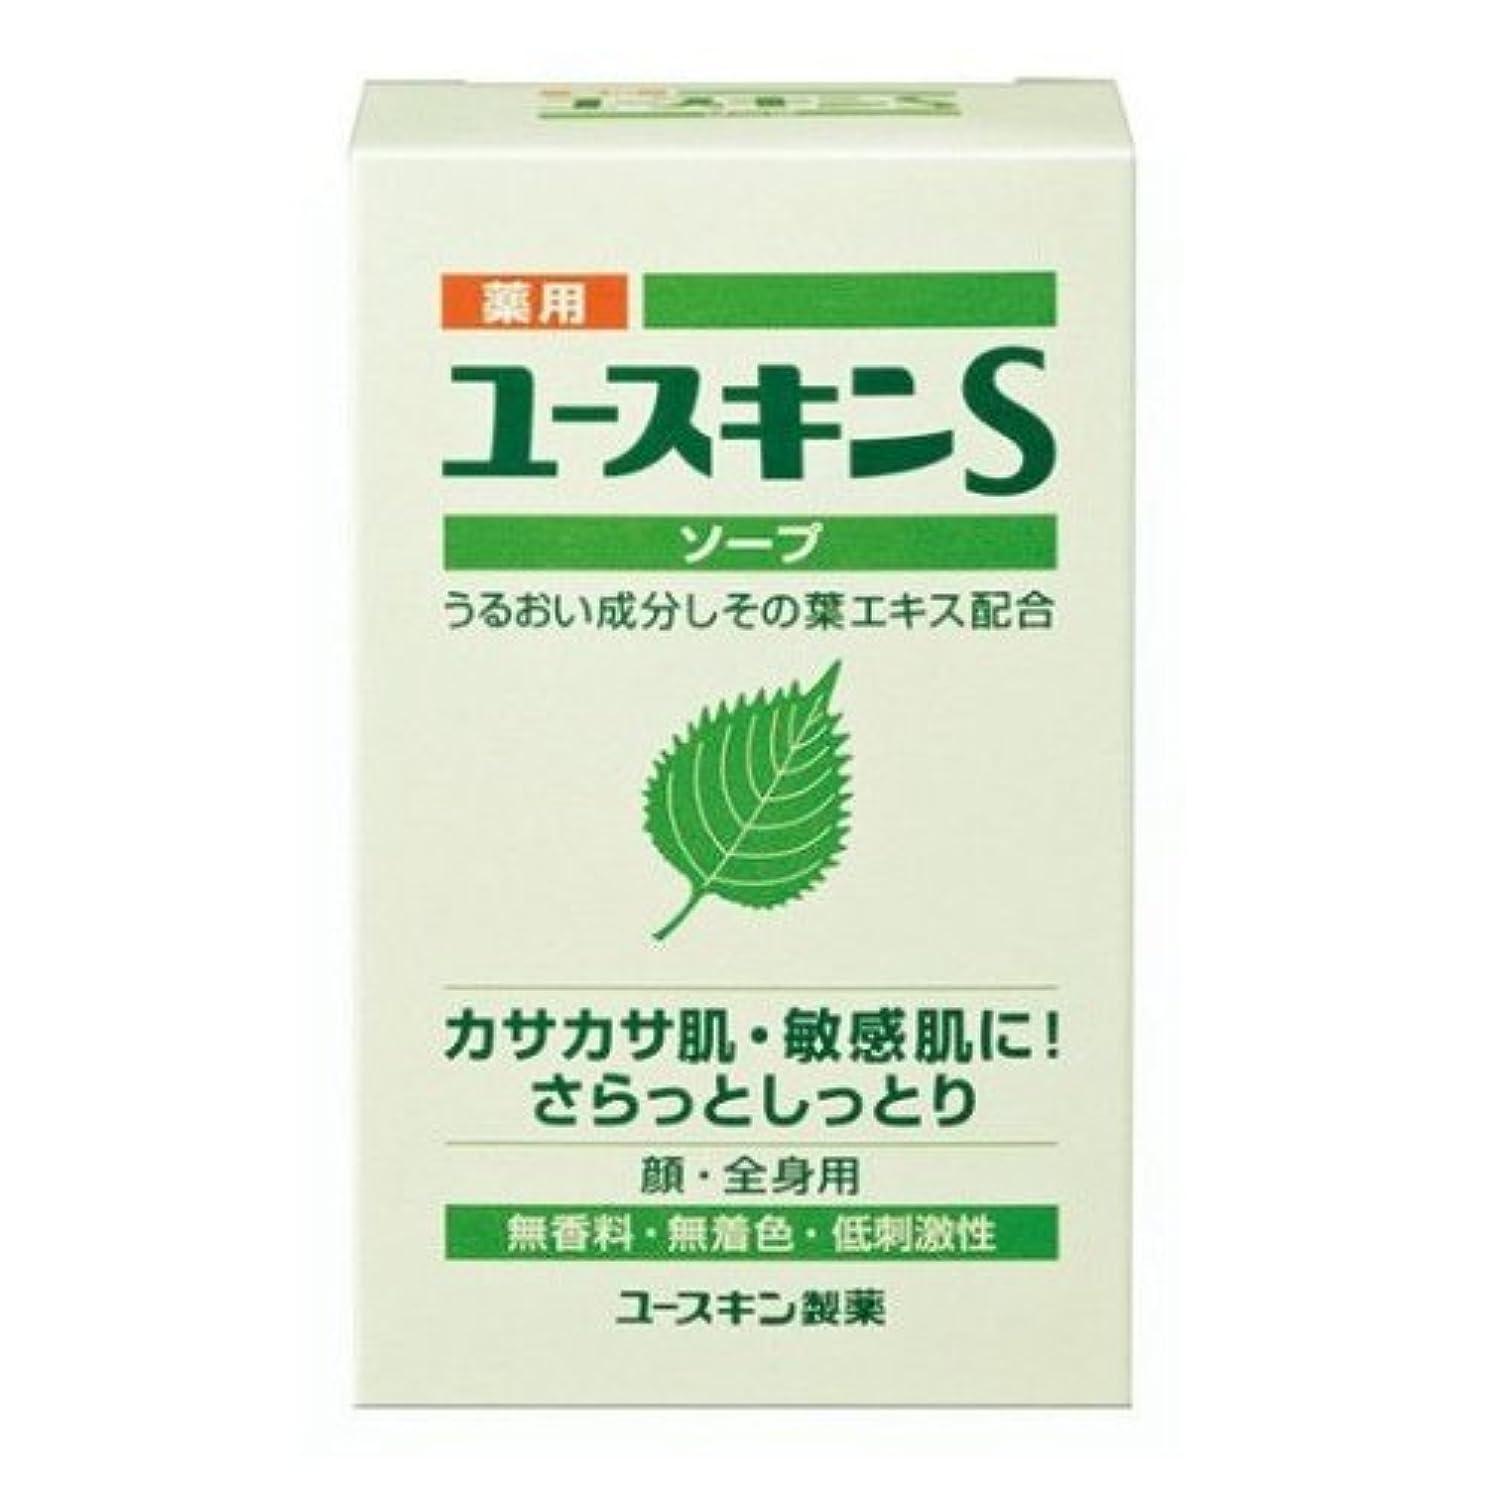 請求書凍結味ユースキン製薬 薬用ユースキンSソープ 90g(医薬部外品)